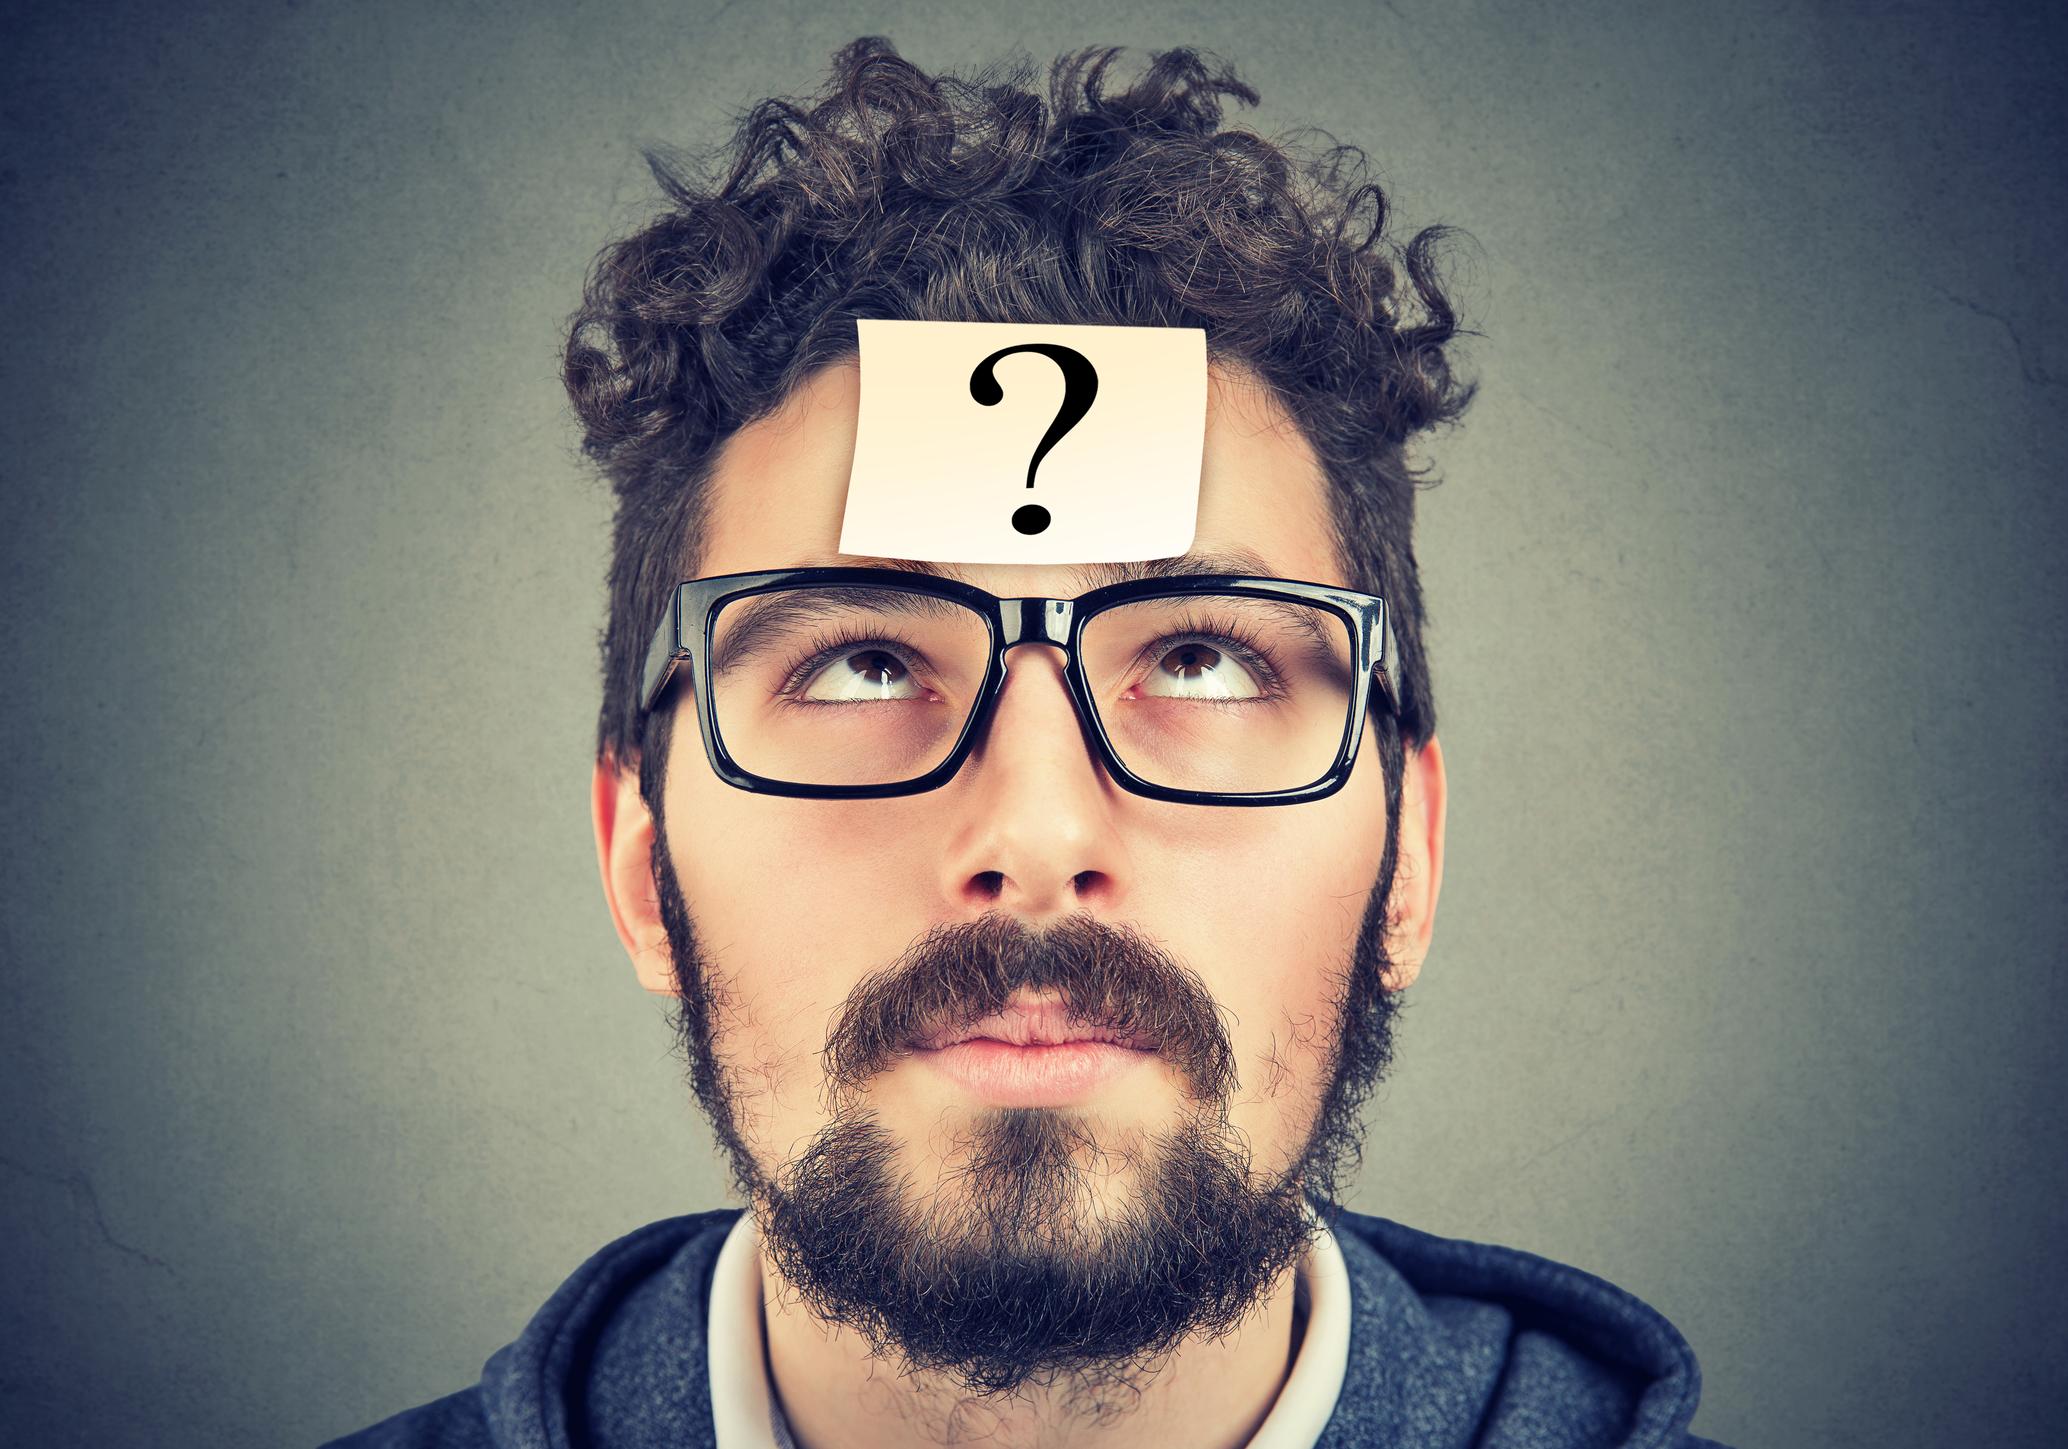 Initiative Q sta diventando virale, ma si tratta di scam?